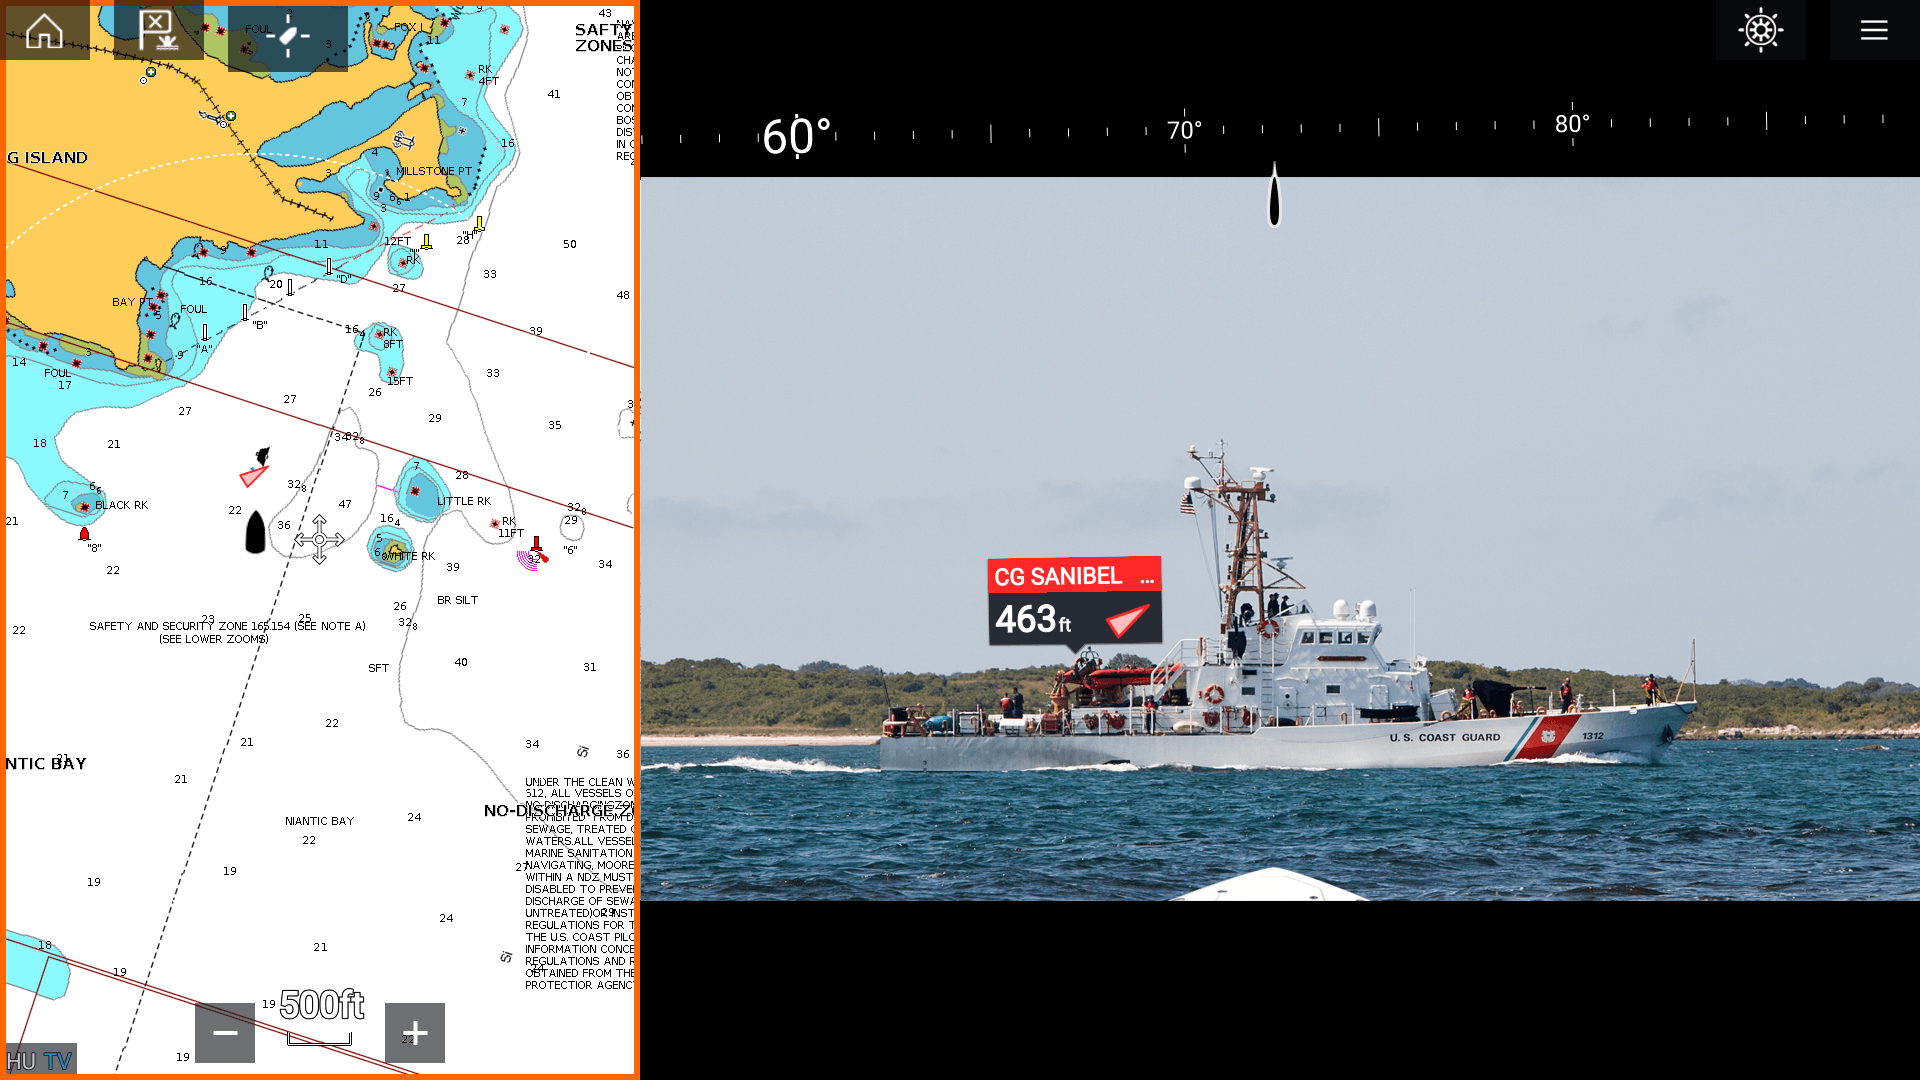 基于AR技术,Raymarine打造了一套船舶导航系统